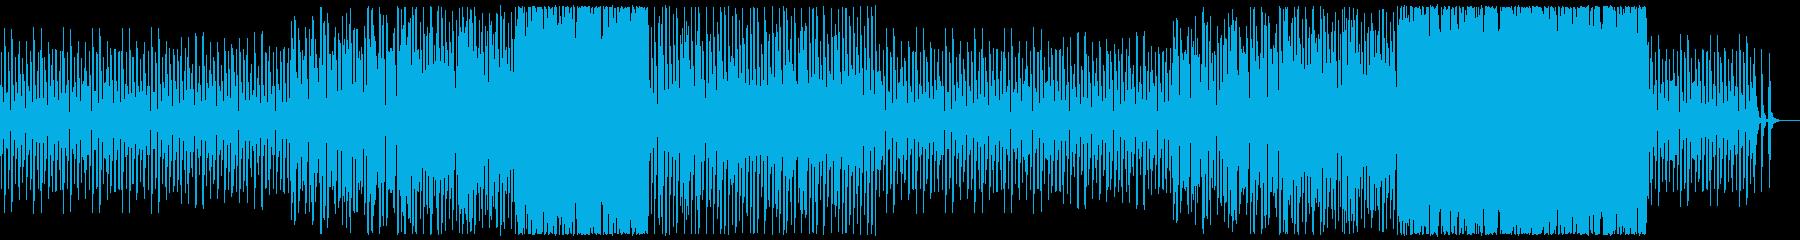 【メロディ抜き】ほのぼの軽快ファンタジ…の再生済みの波形